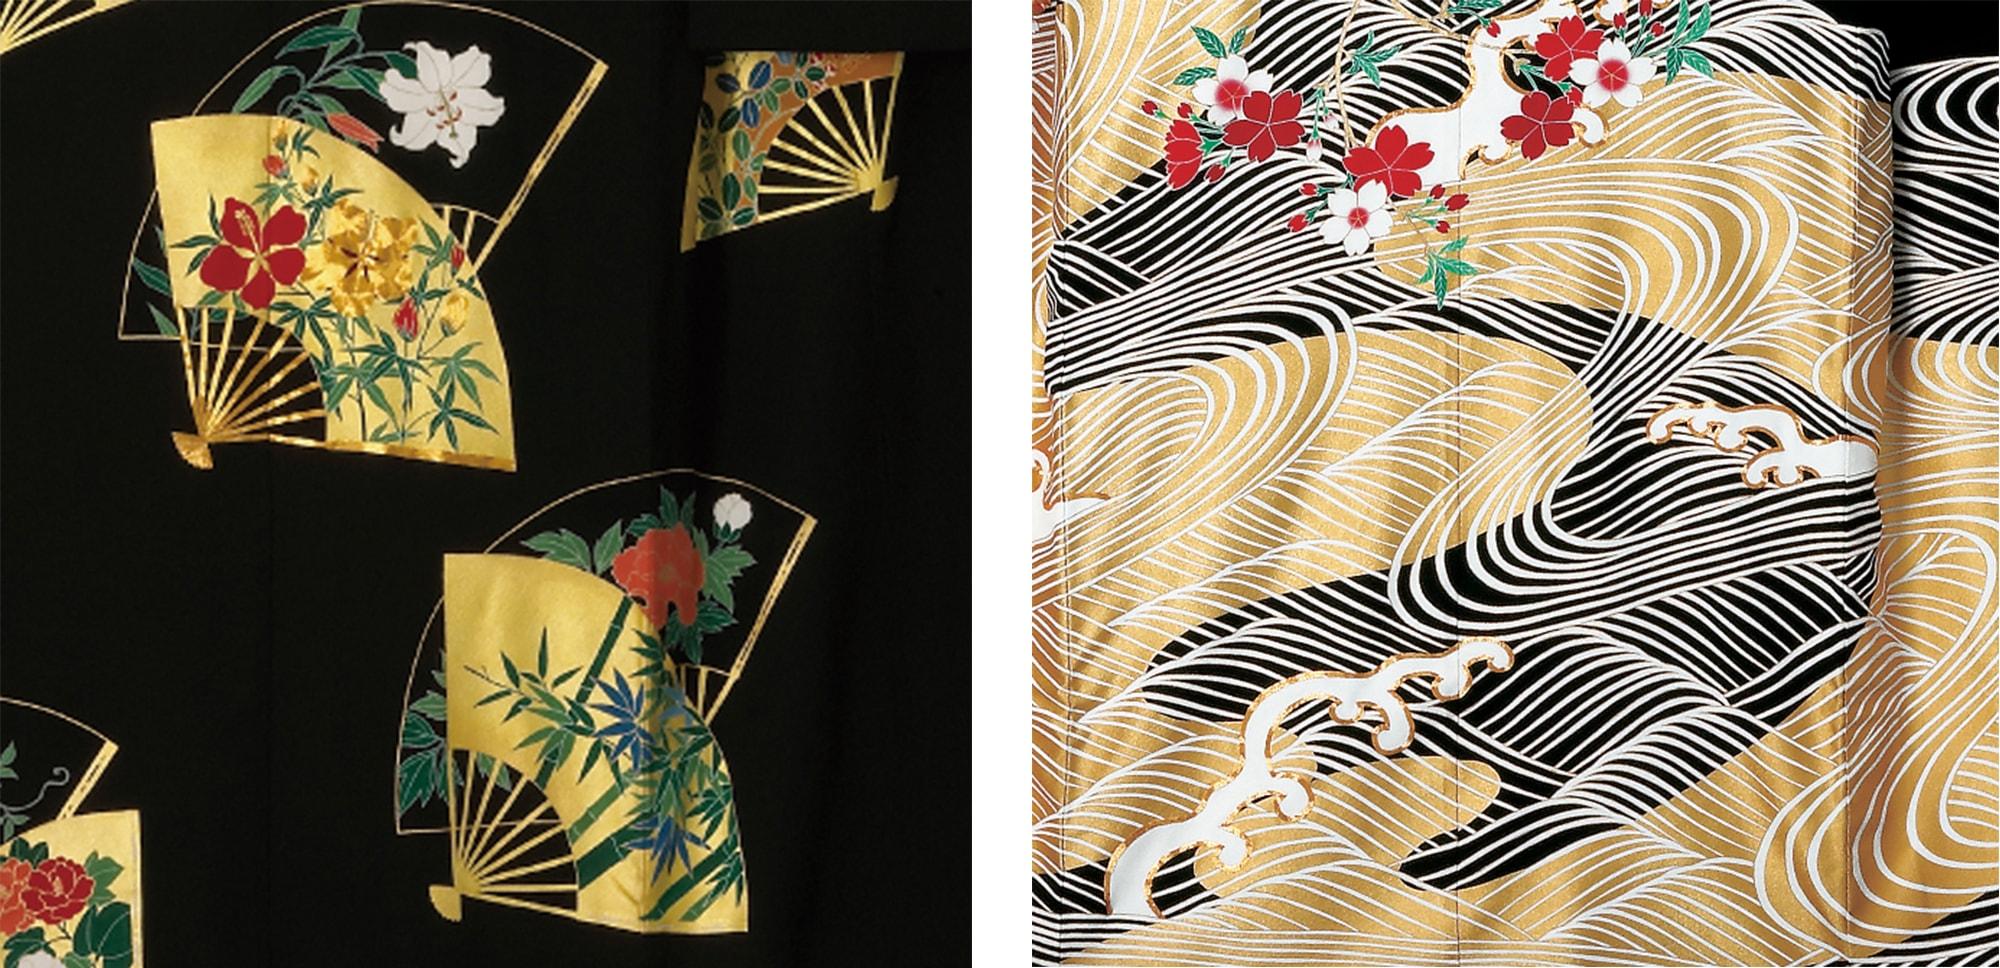 おめでたい扇面を重ね合わせた黒の花嫁(左)と、紅白の桜に繊細な白上げの波と荒々しい波涛(はとう)文を表した花嫁振袖(右)